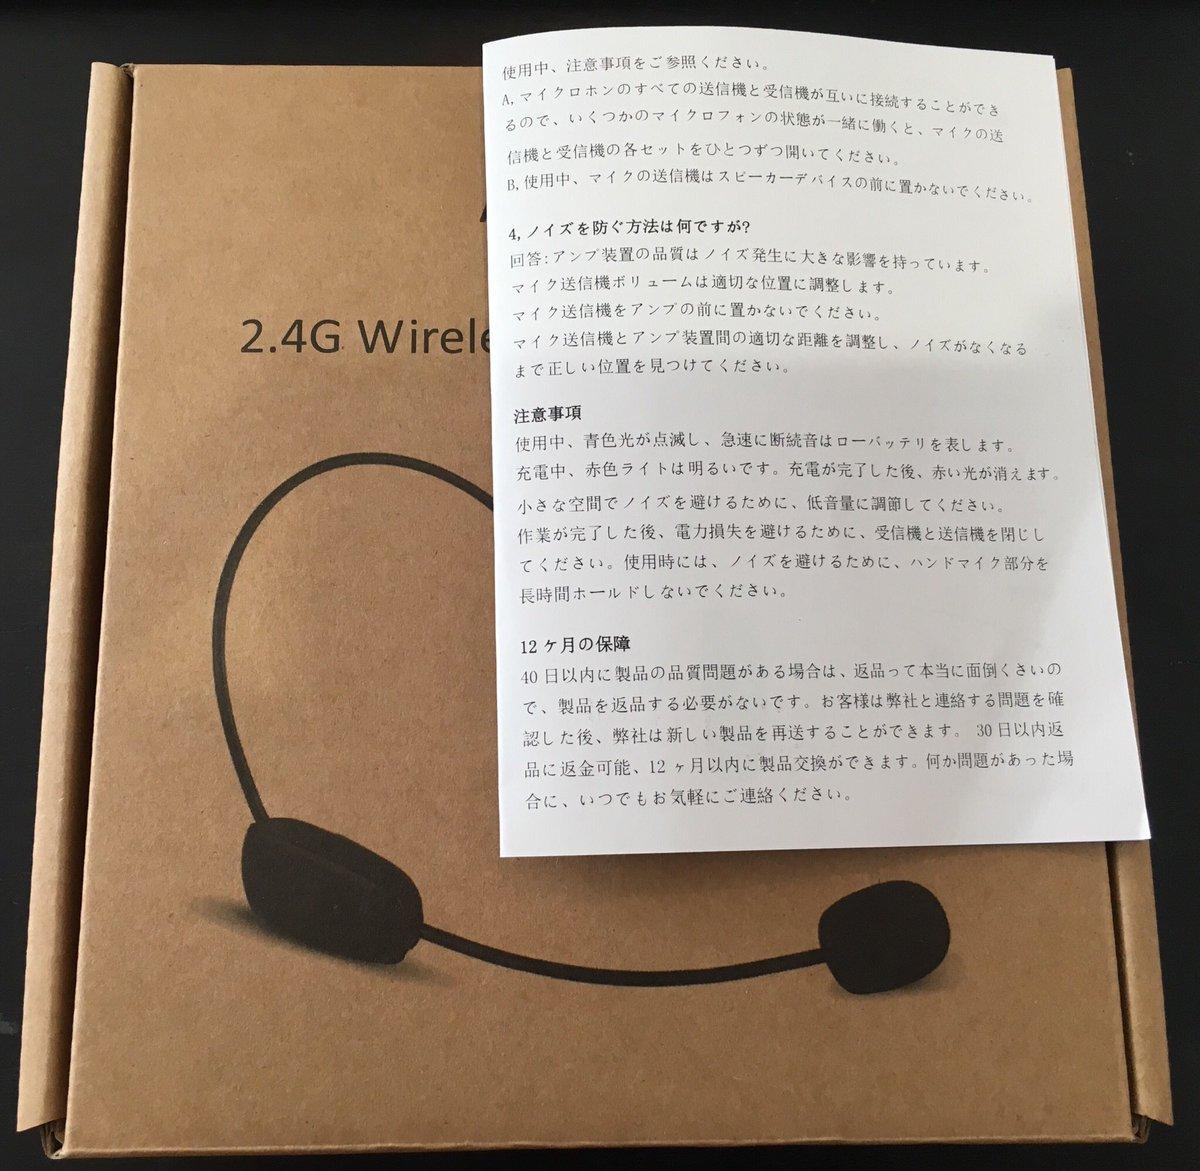 ワイヤレスのヘッドマイクを買ったら、やや怪しい日本語ながら返品システムへの強いうんざり感がにじむ説明書がついてきた。